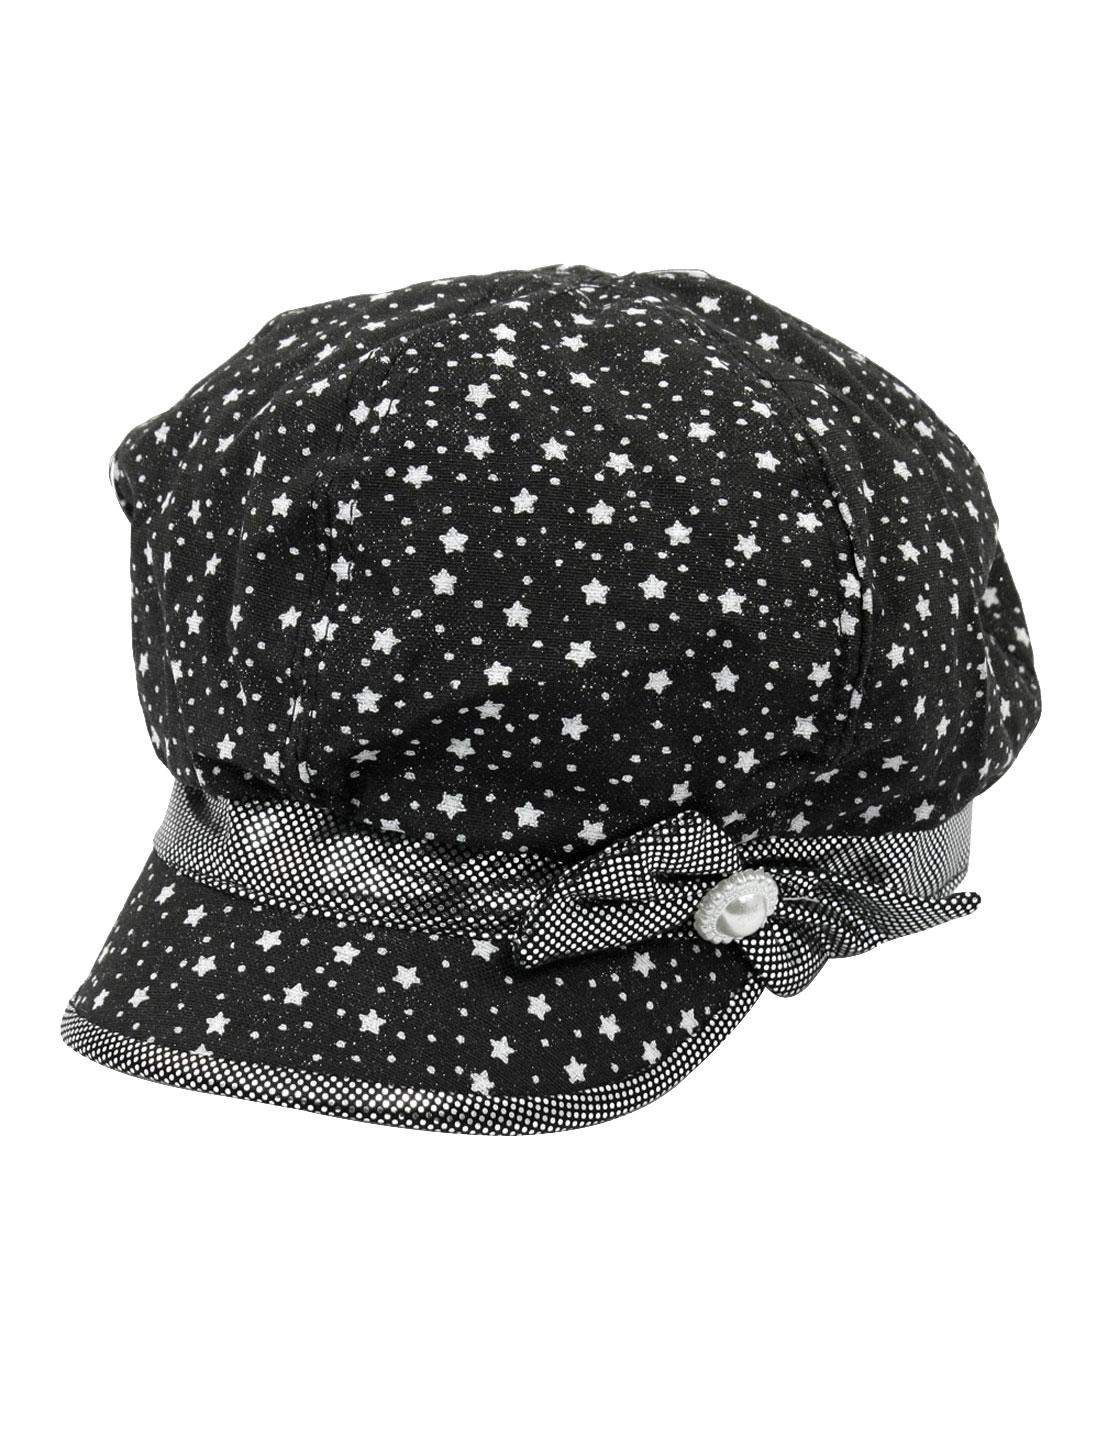 Stars Dots Printed Bowtie Decor Casquette Cap Hat Black Size L for Lady